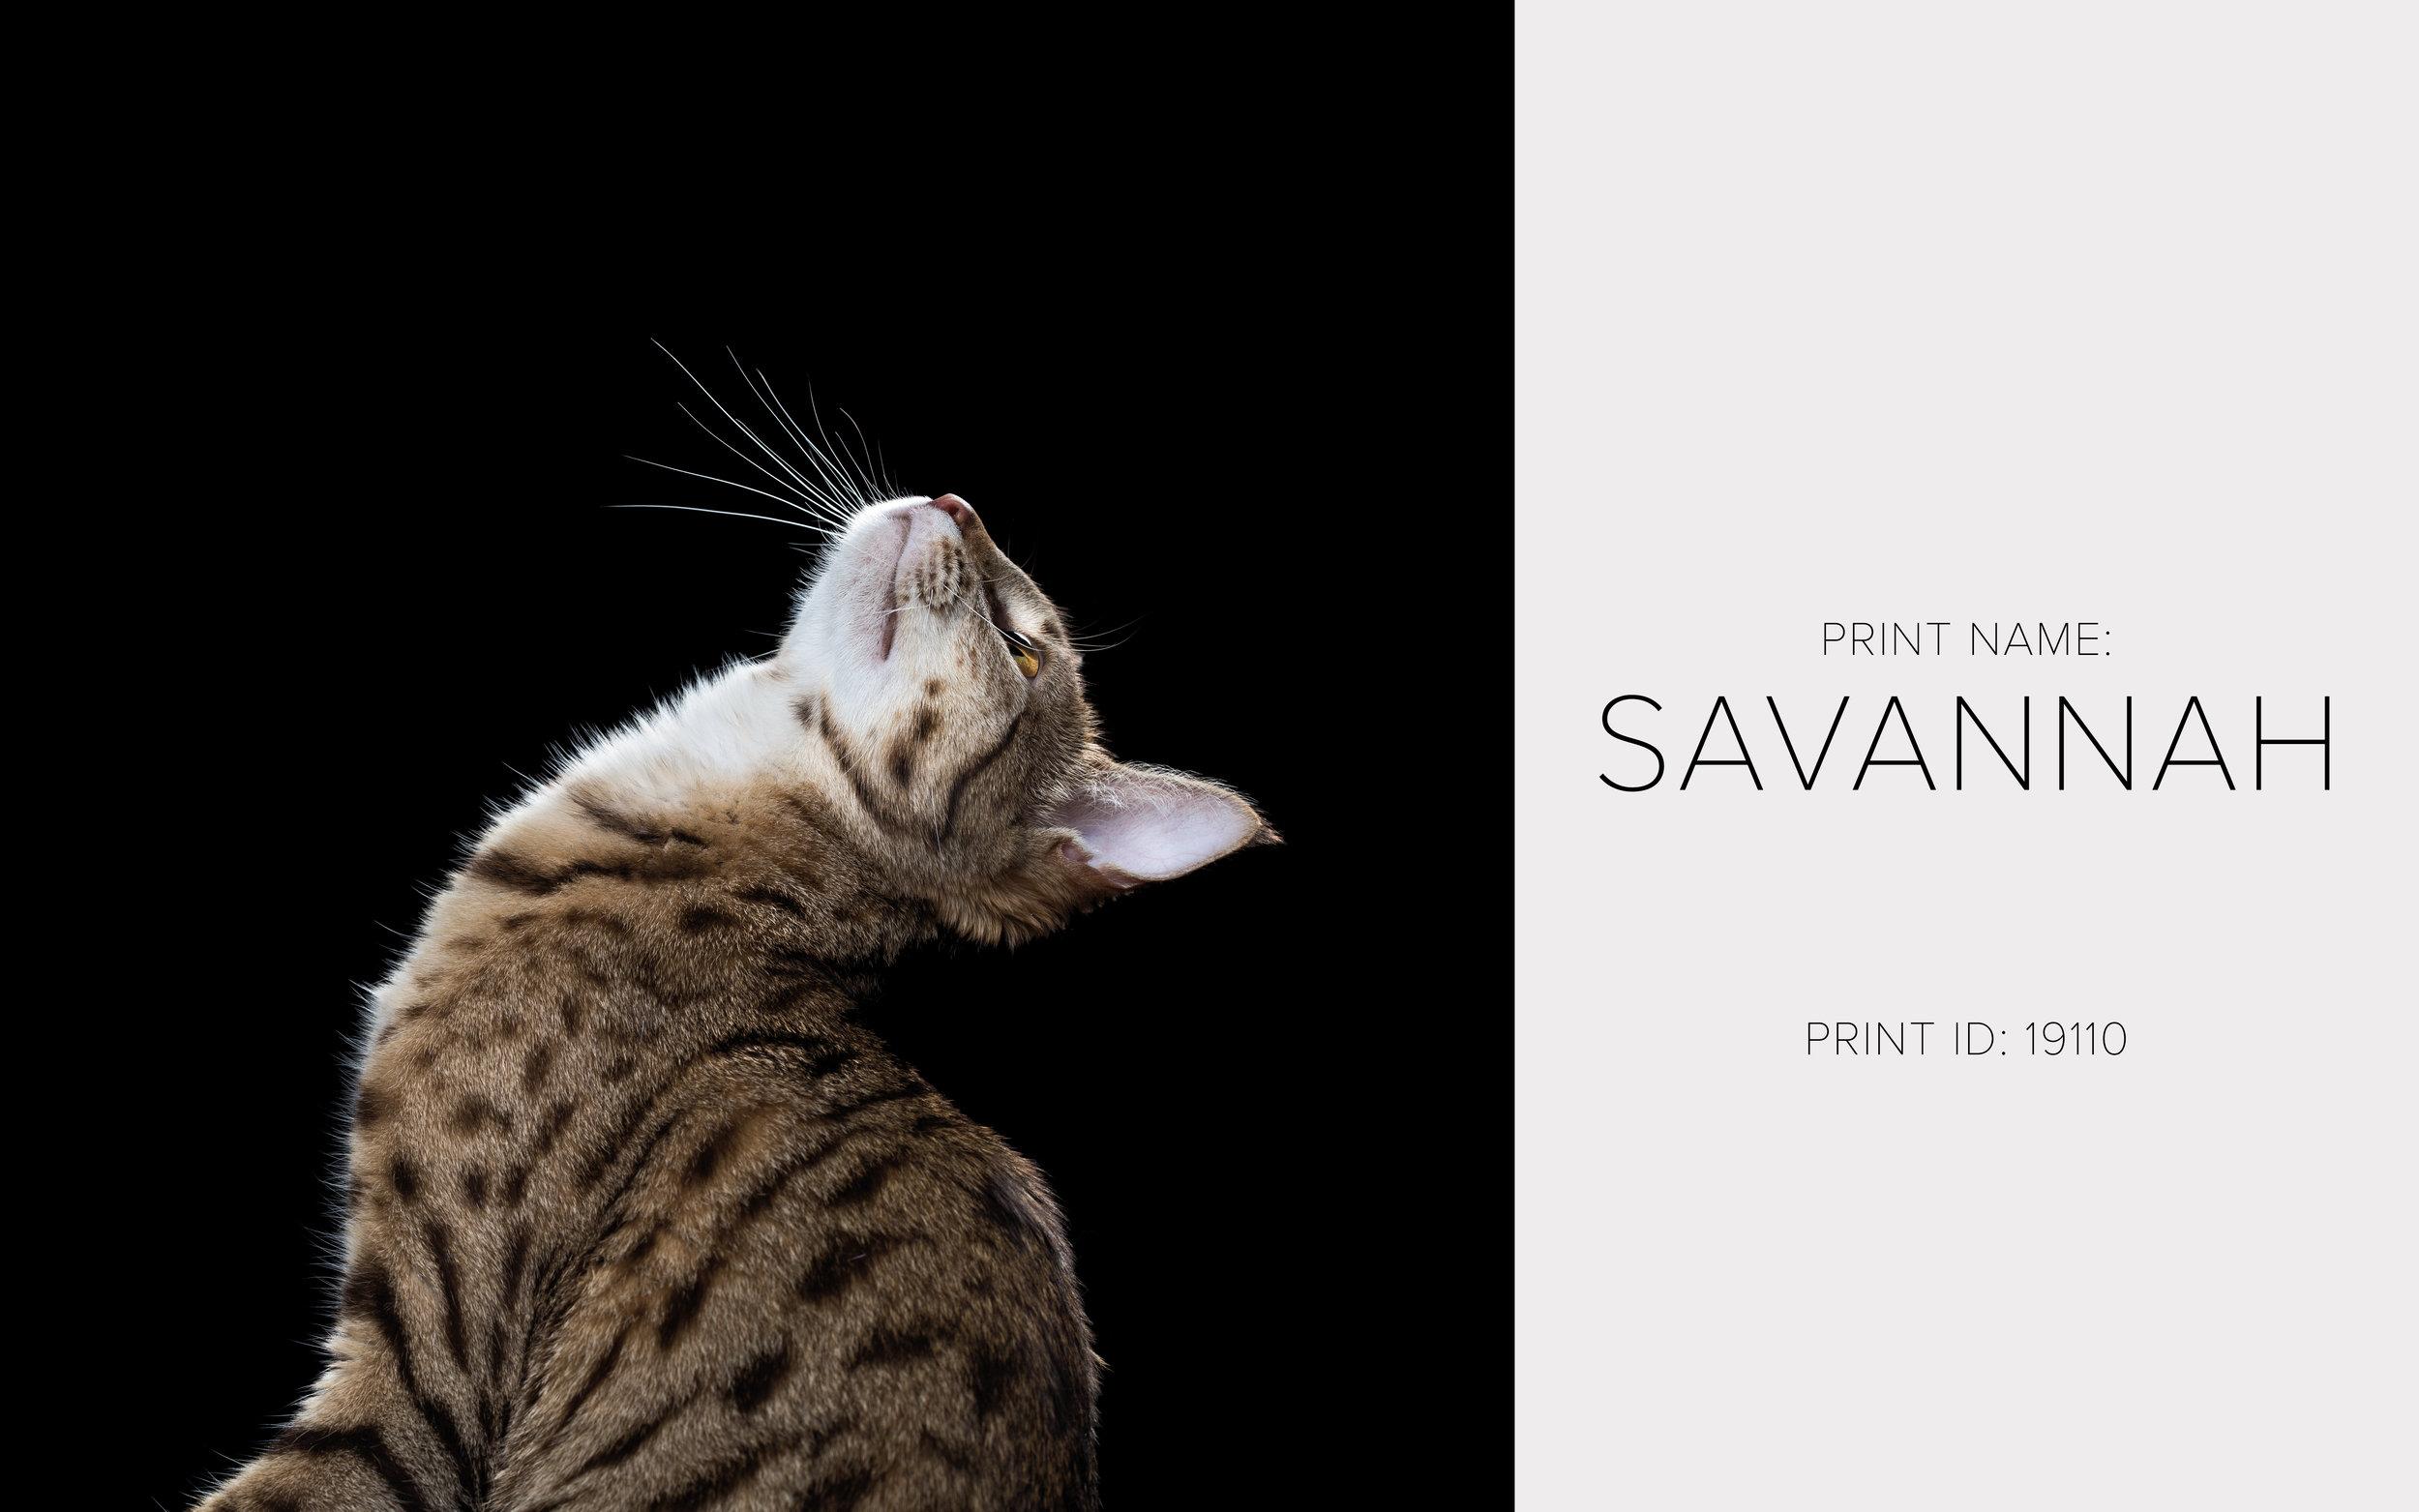 Savannah_Thumb.jpg